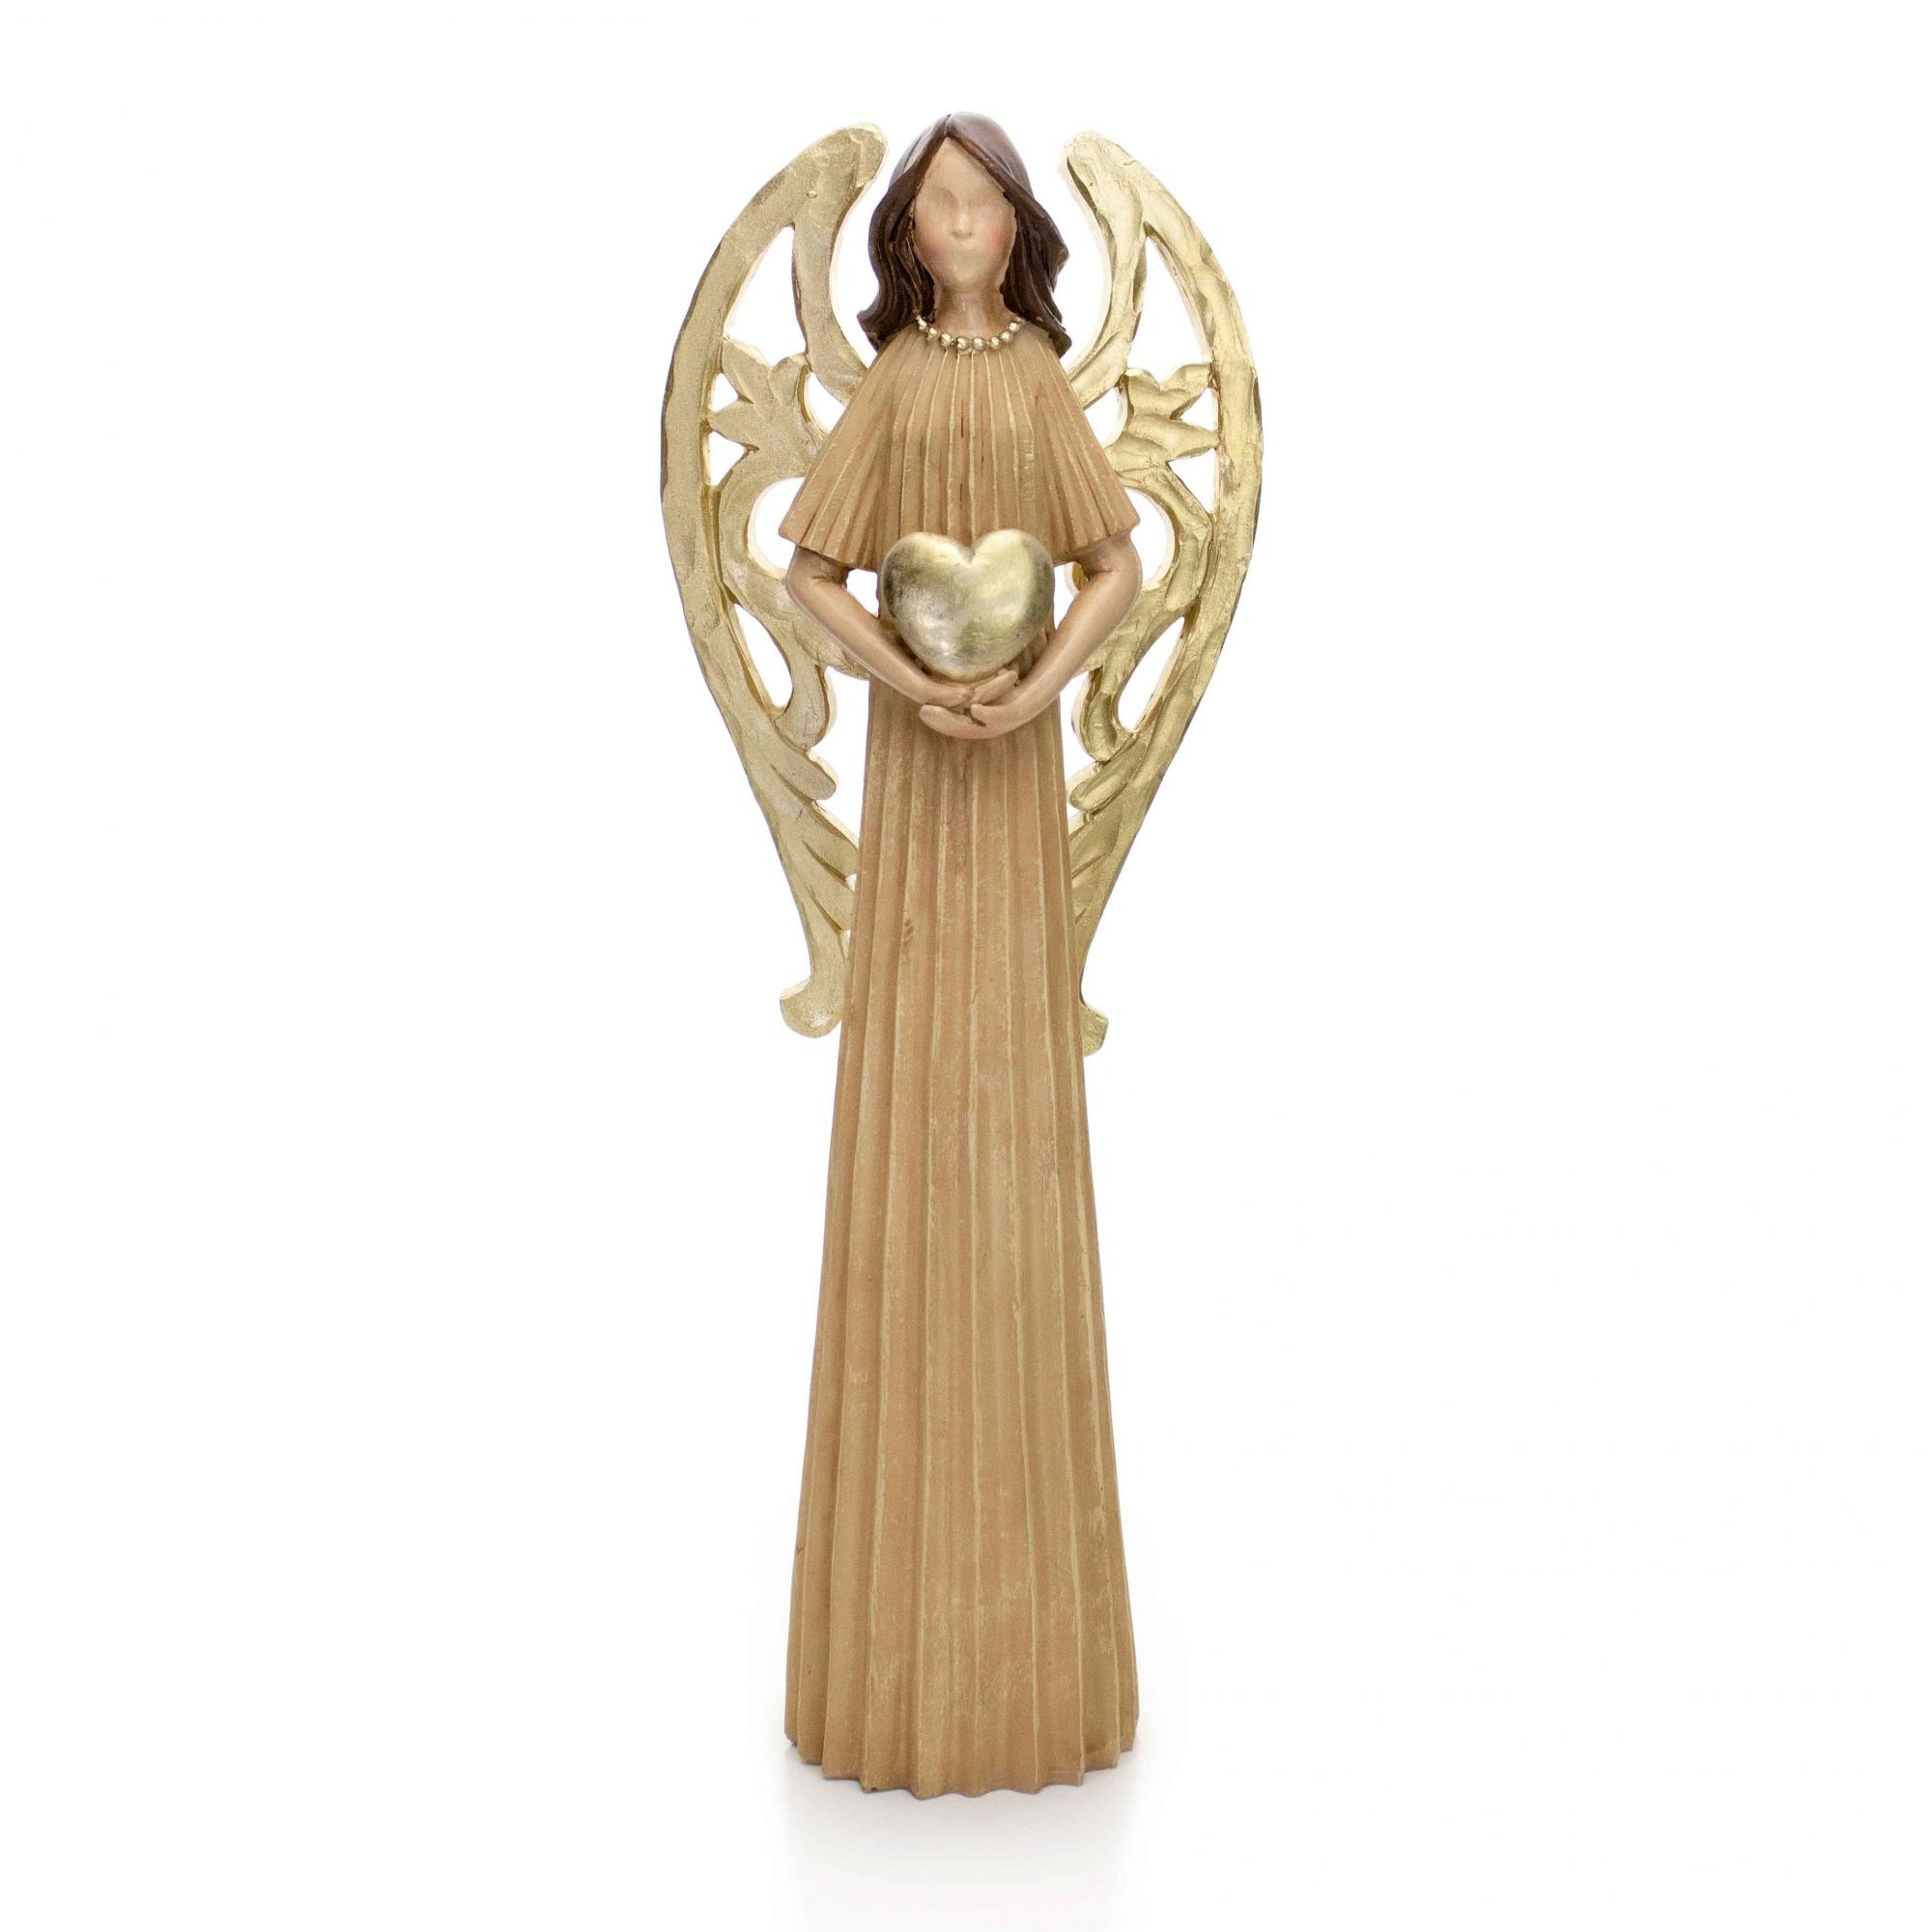 Enfeite Decorativo Anjo de Natal em Resina Bege e Dourado 36 cm - D'Rossi